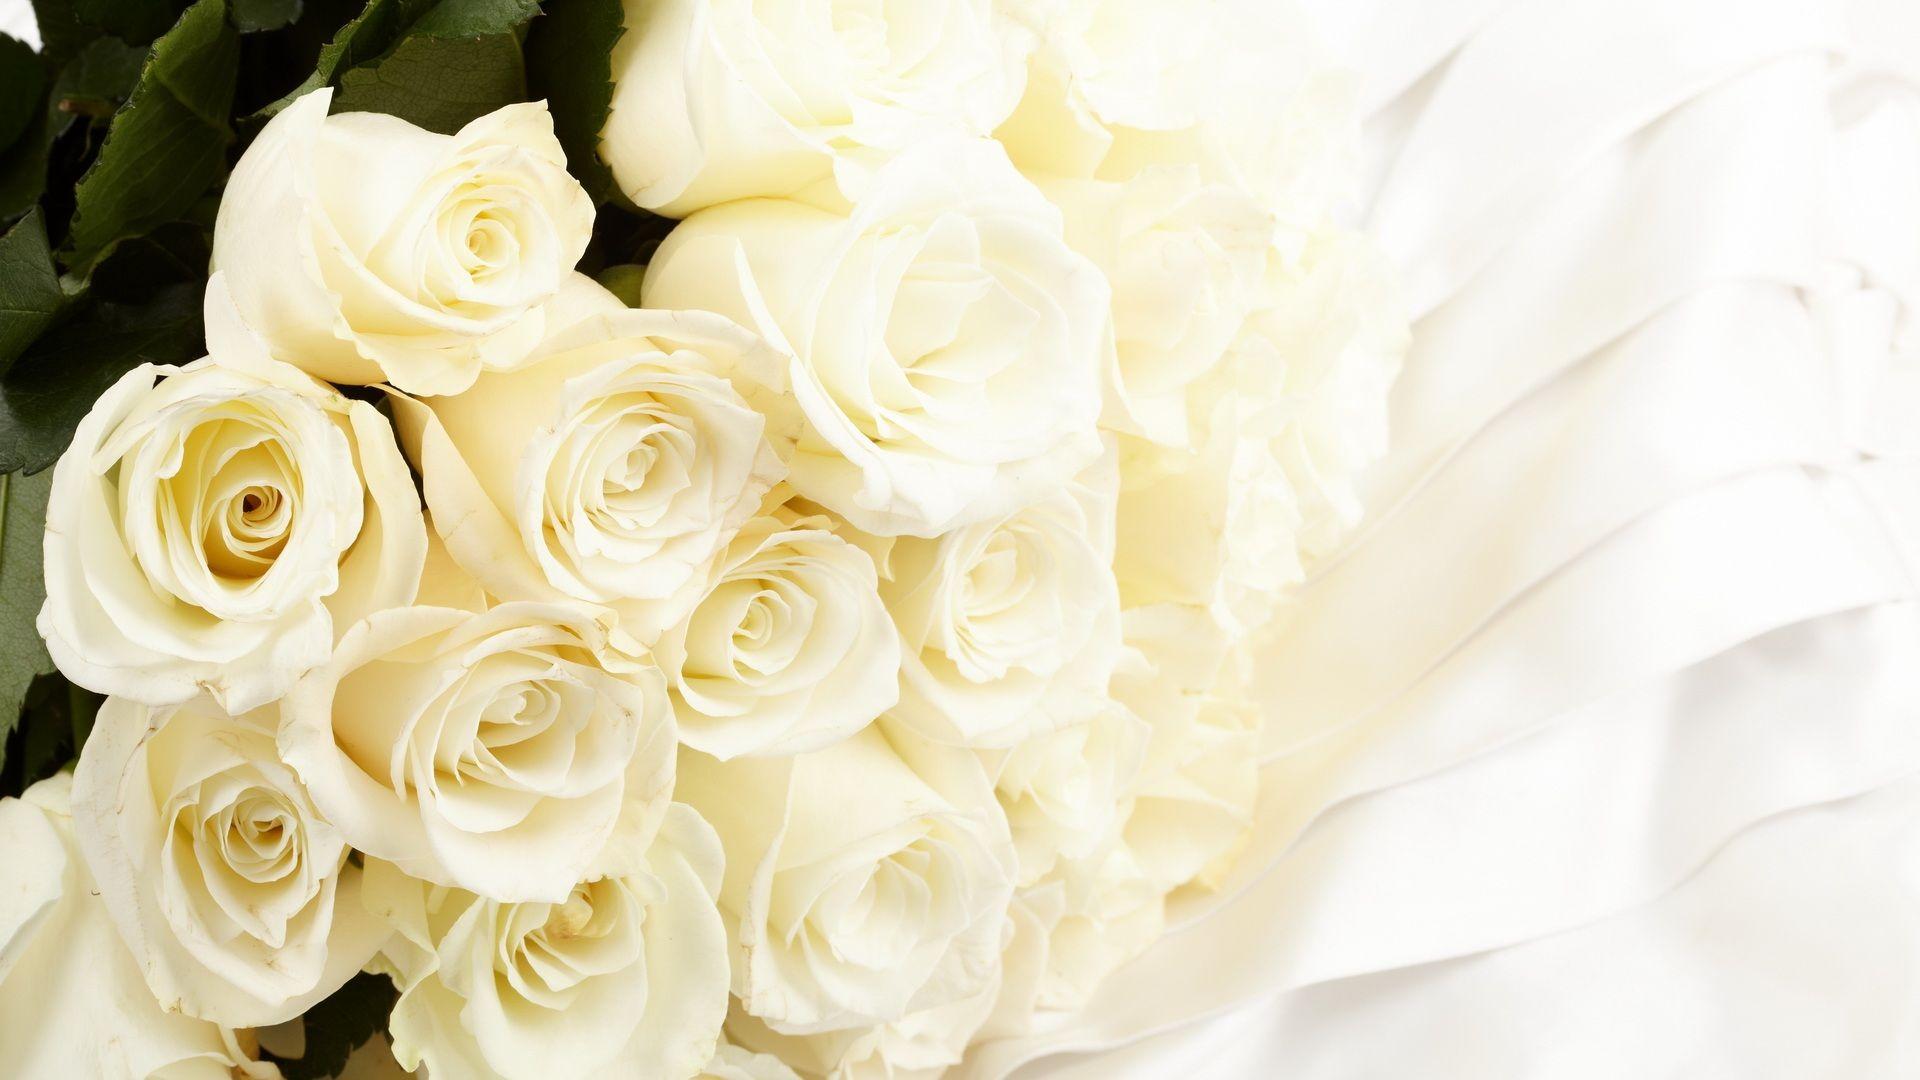 صور ورد جميل صور ورد رومانسى HD 2020 معلومات عن الورد 12